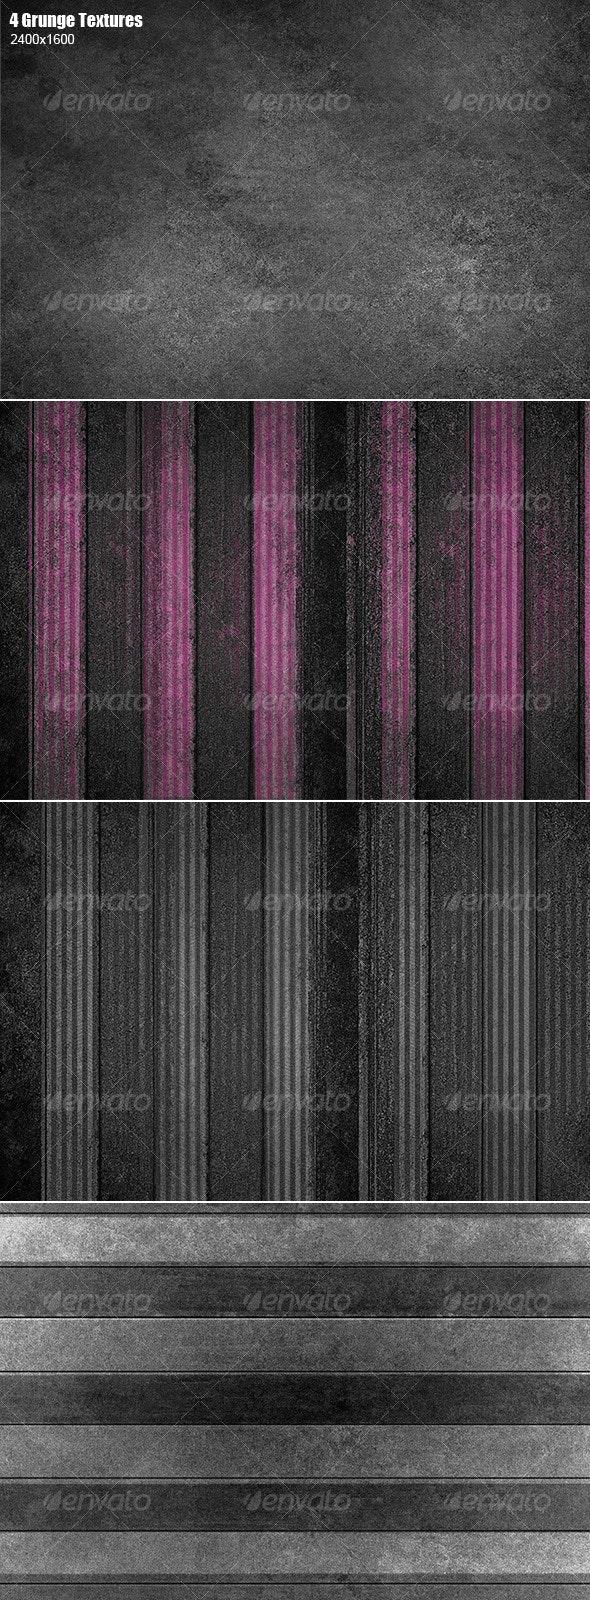 2 Grunge Textures - Industrial / Grunge Textures